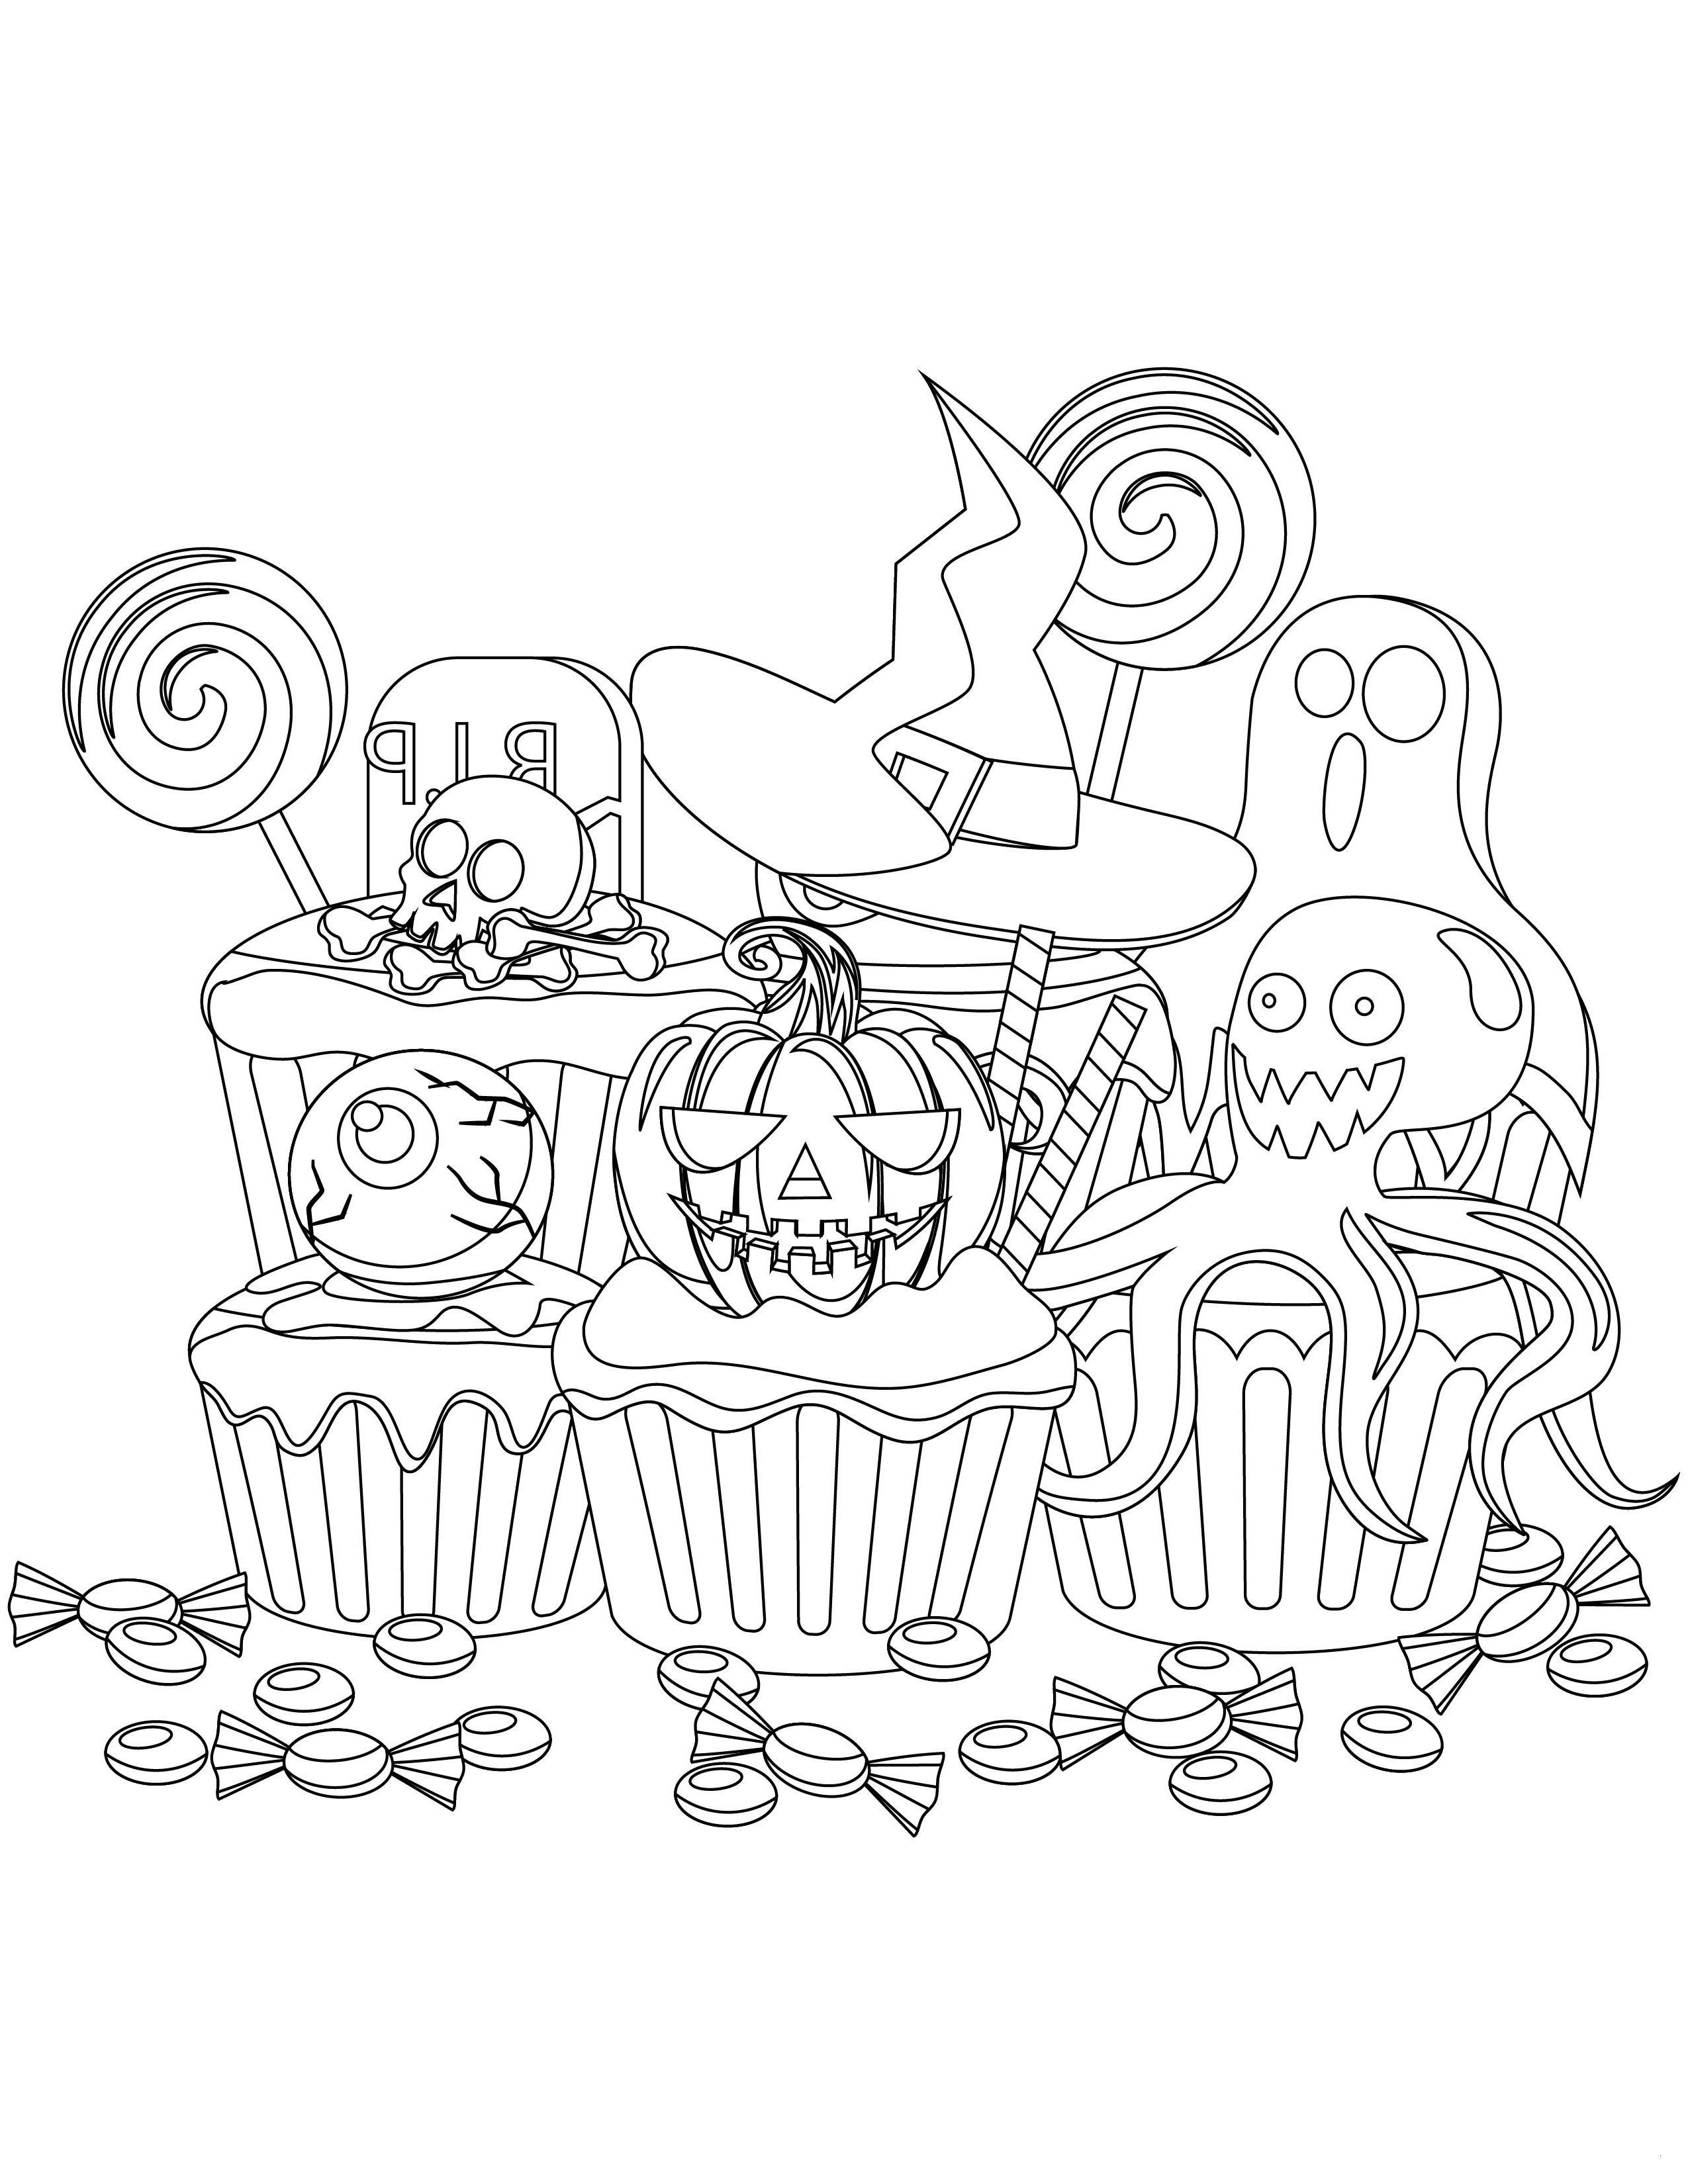 Cupcake Zum Ausmalen Frisch 22 Einzigartig Ausmalbilder Ohnezahn – Malvorlagen Ideen Fotos